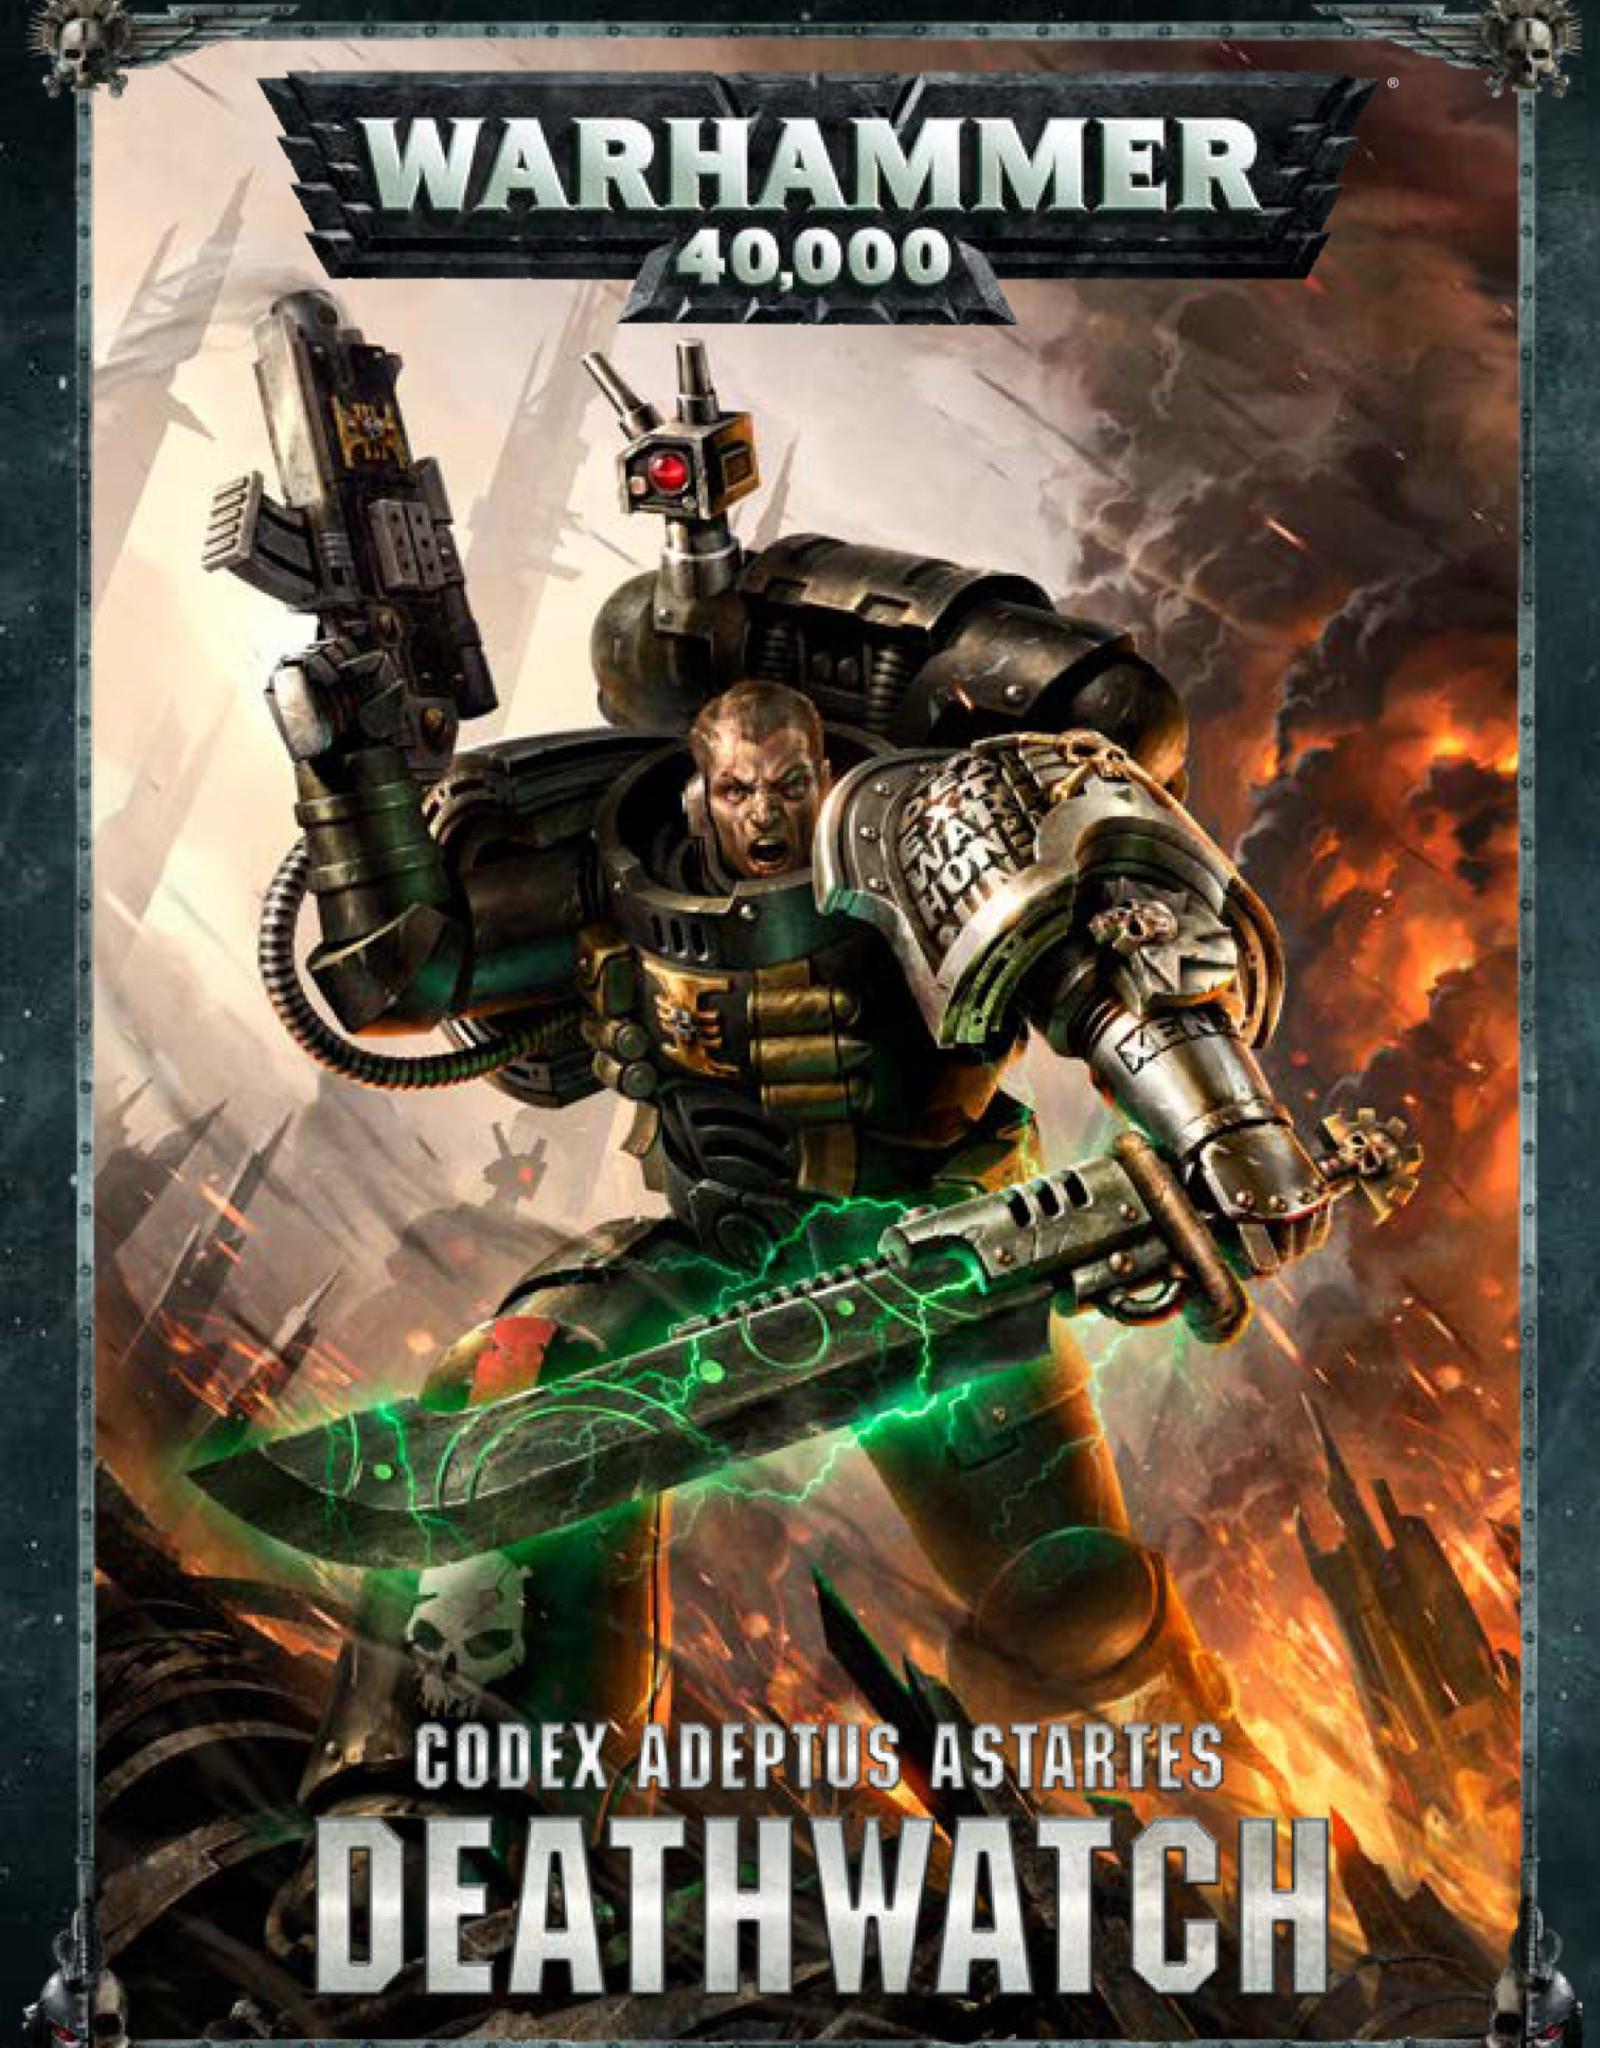 Warhammer 40K Codex: Deathwatch